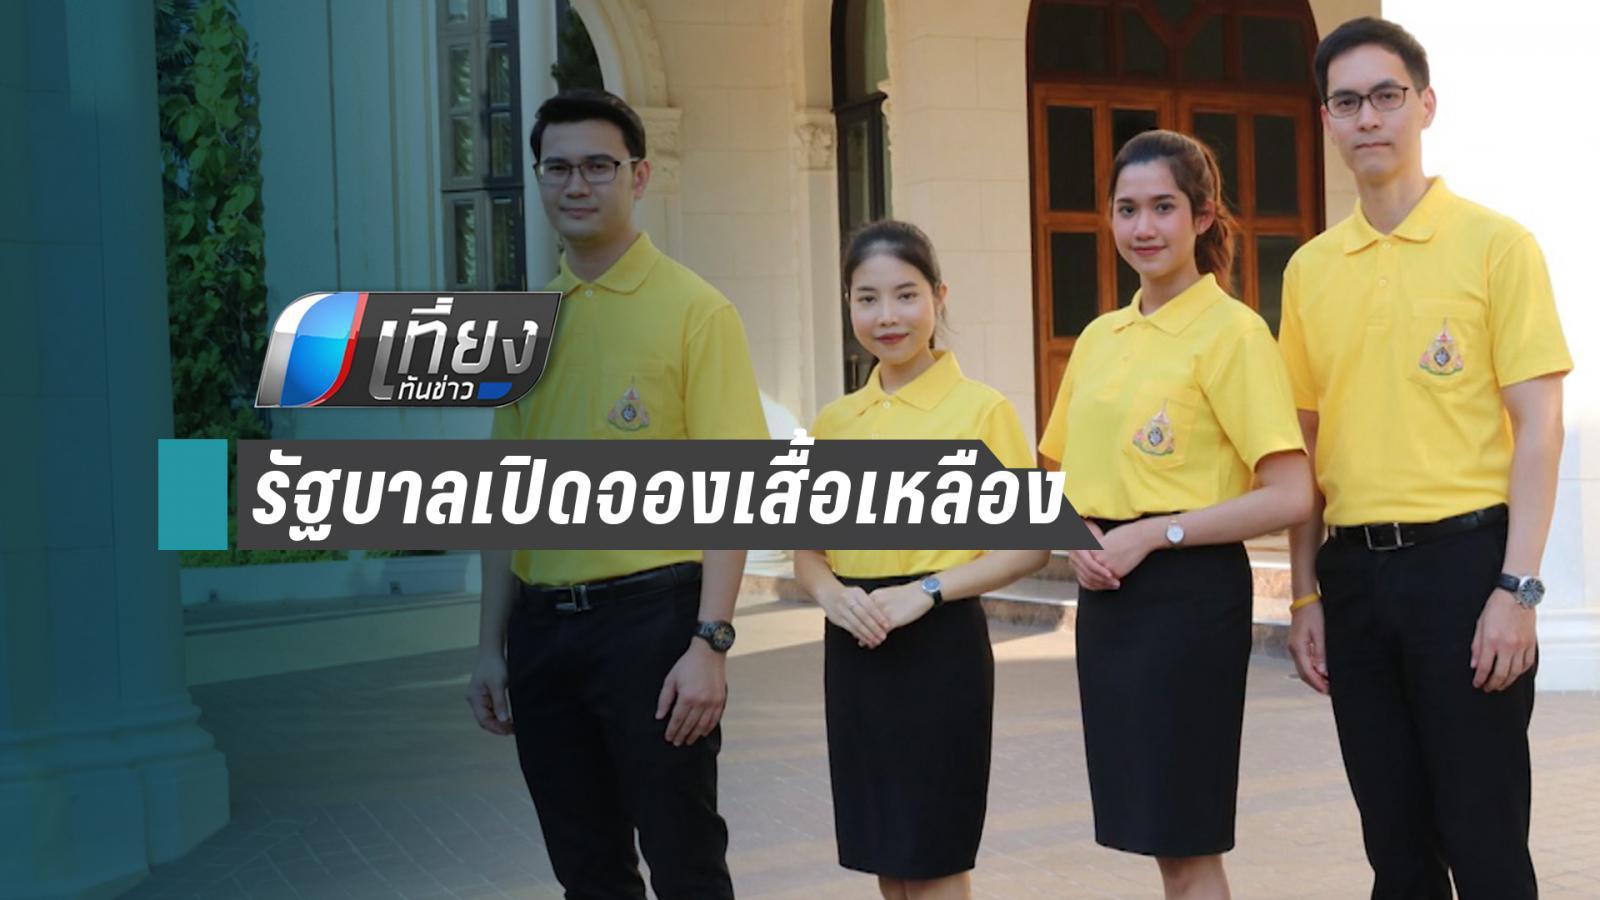 รัฐบาลเปิดจองเสื้อเหลืองตราสัญลักษณ์พระราชพิธีบรมราชาภิเษก